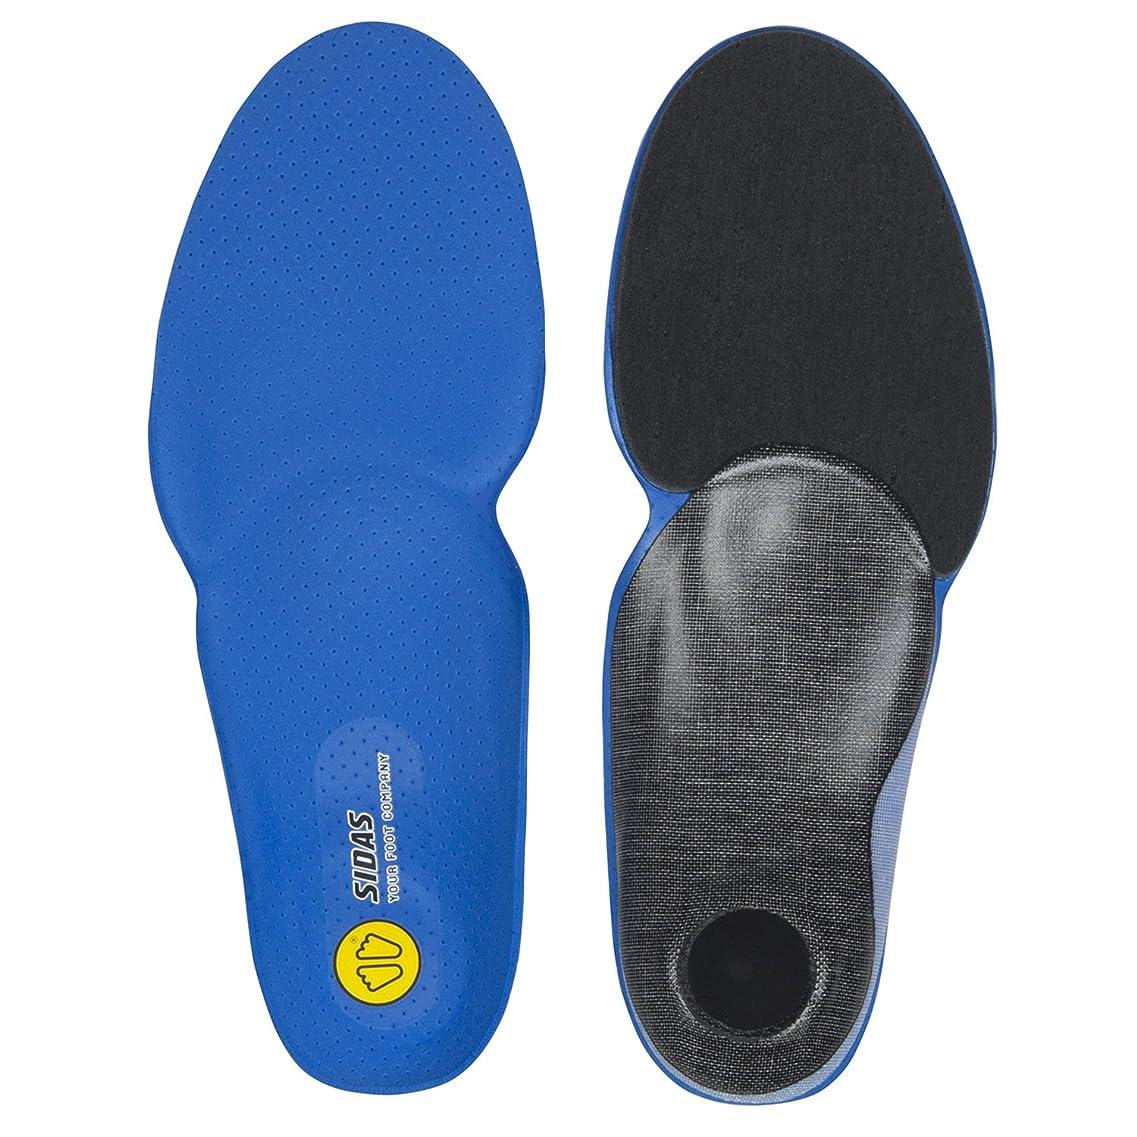 周辺うがいフォームSIDAS シダス シューズインソール靴中敷き アクションプラス 3132321